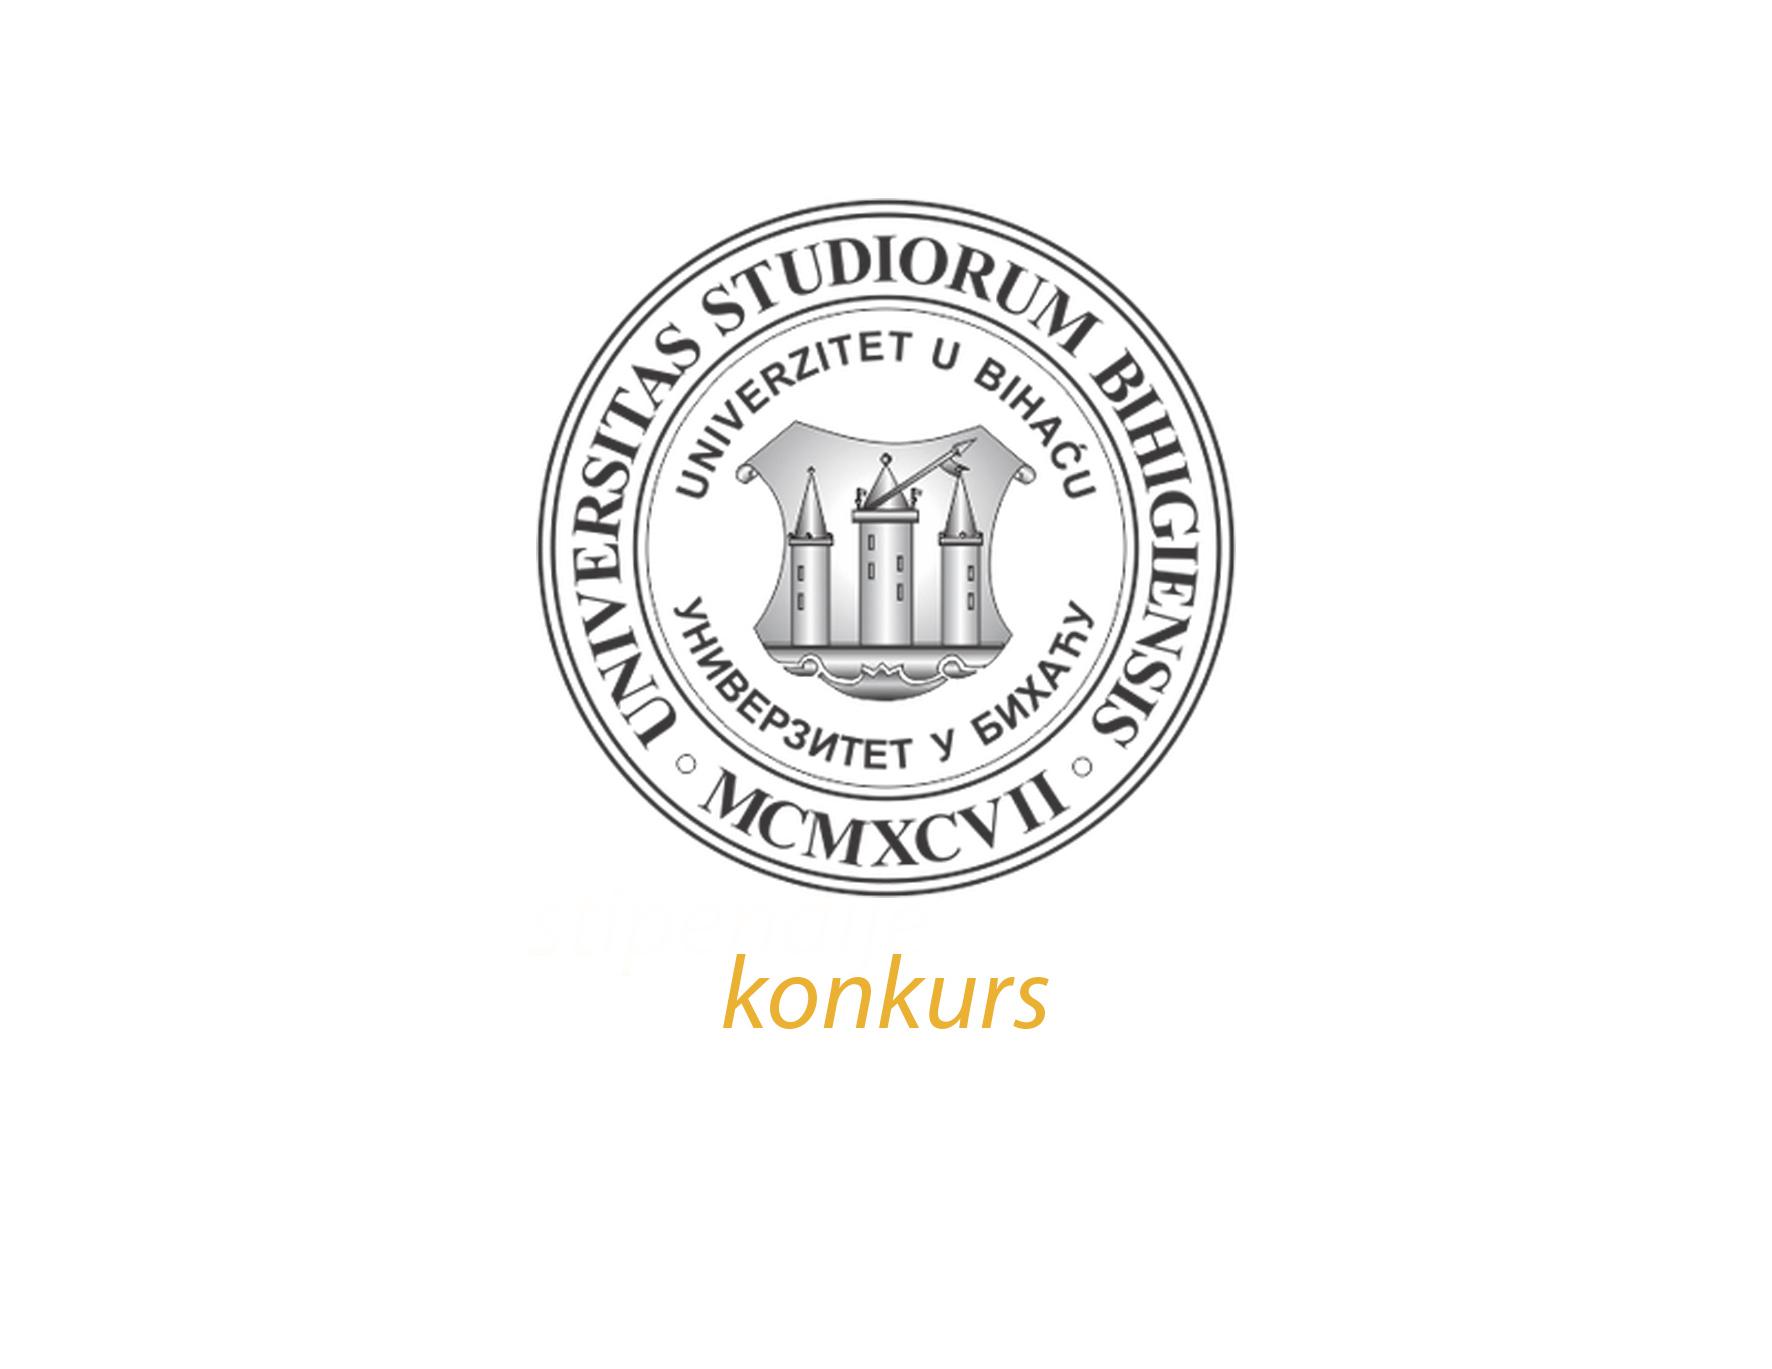 Konkurs za izbor prorektora Univerziteta u Bihaću